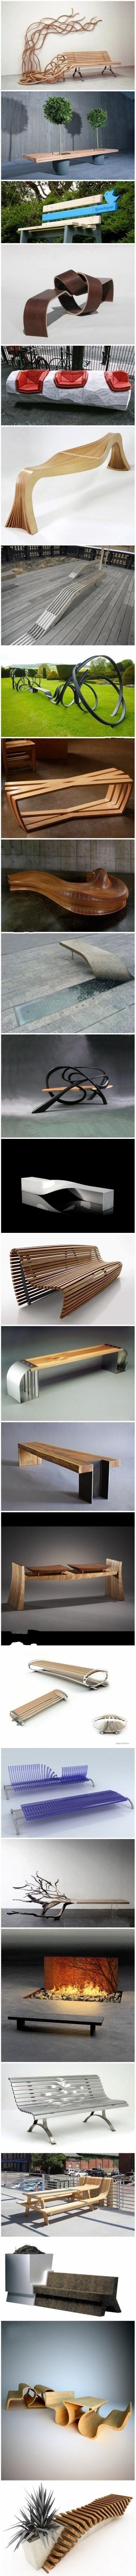 26 public benches design by ViolaBlackRaven